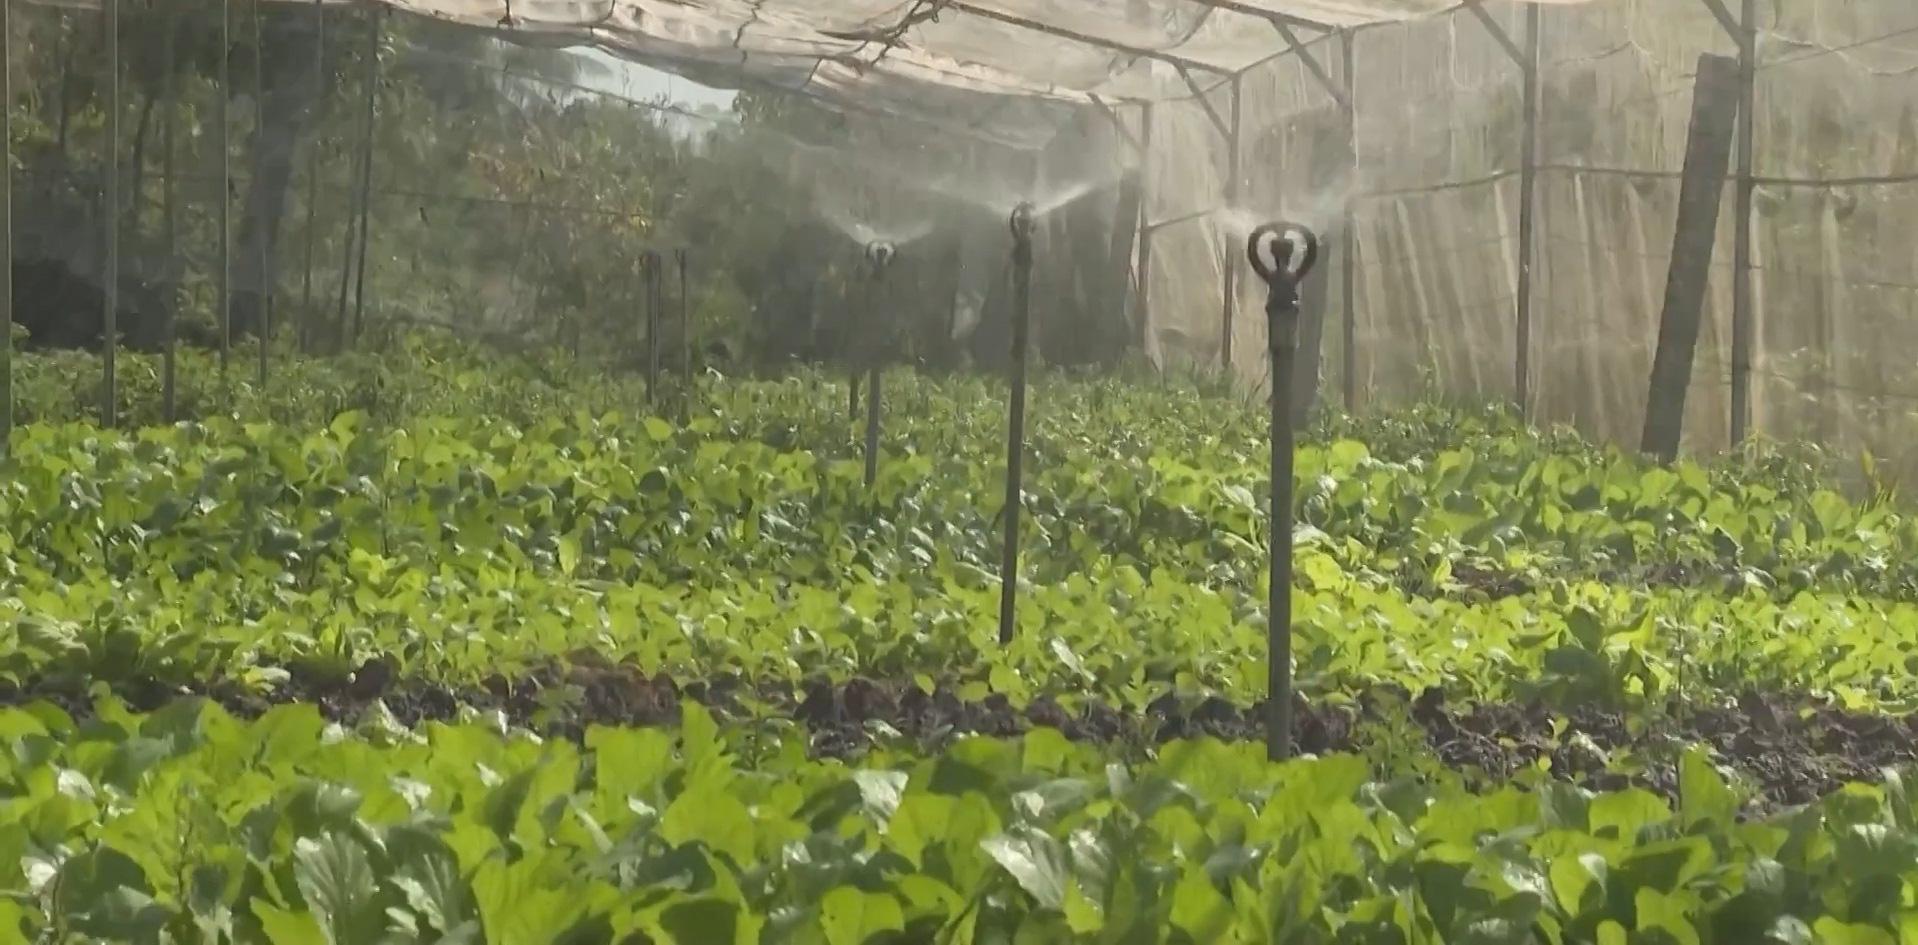 Áp dụng công nghệ 4.0 trồng rau sạch, anh nông dân ung dung thu về 200 triệu/năm - Ảnh 3.